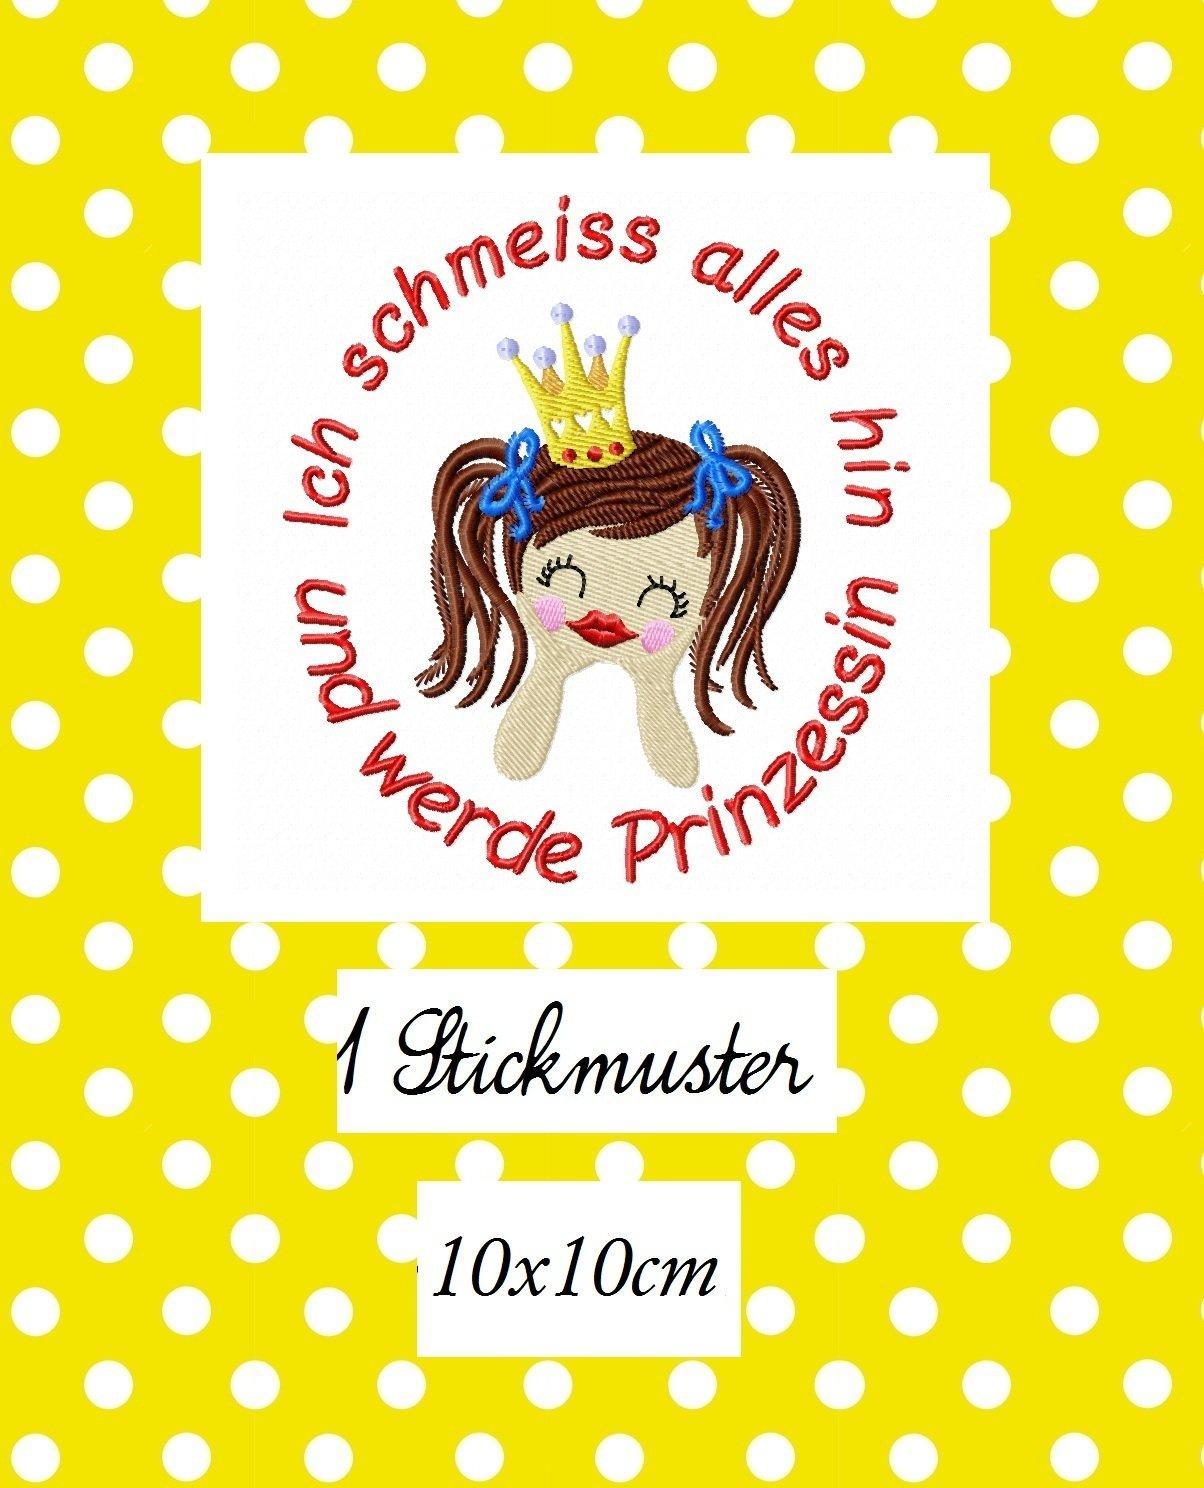 ♥Ich schmeiss alles hin und werde Prinzessin♥ EMBROIDERY FILE 10x10cm GERMAN